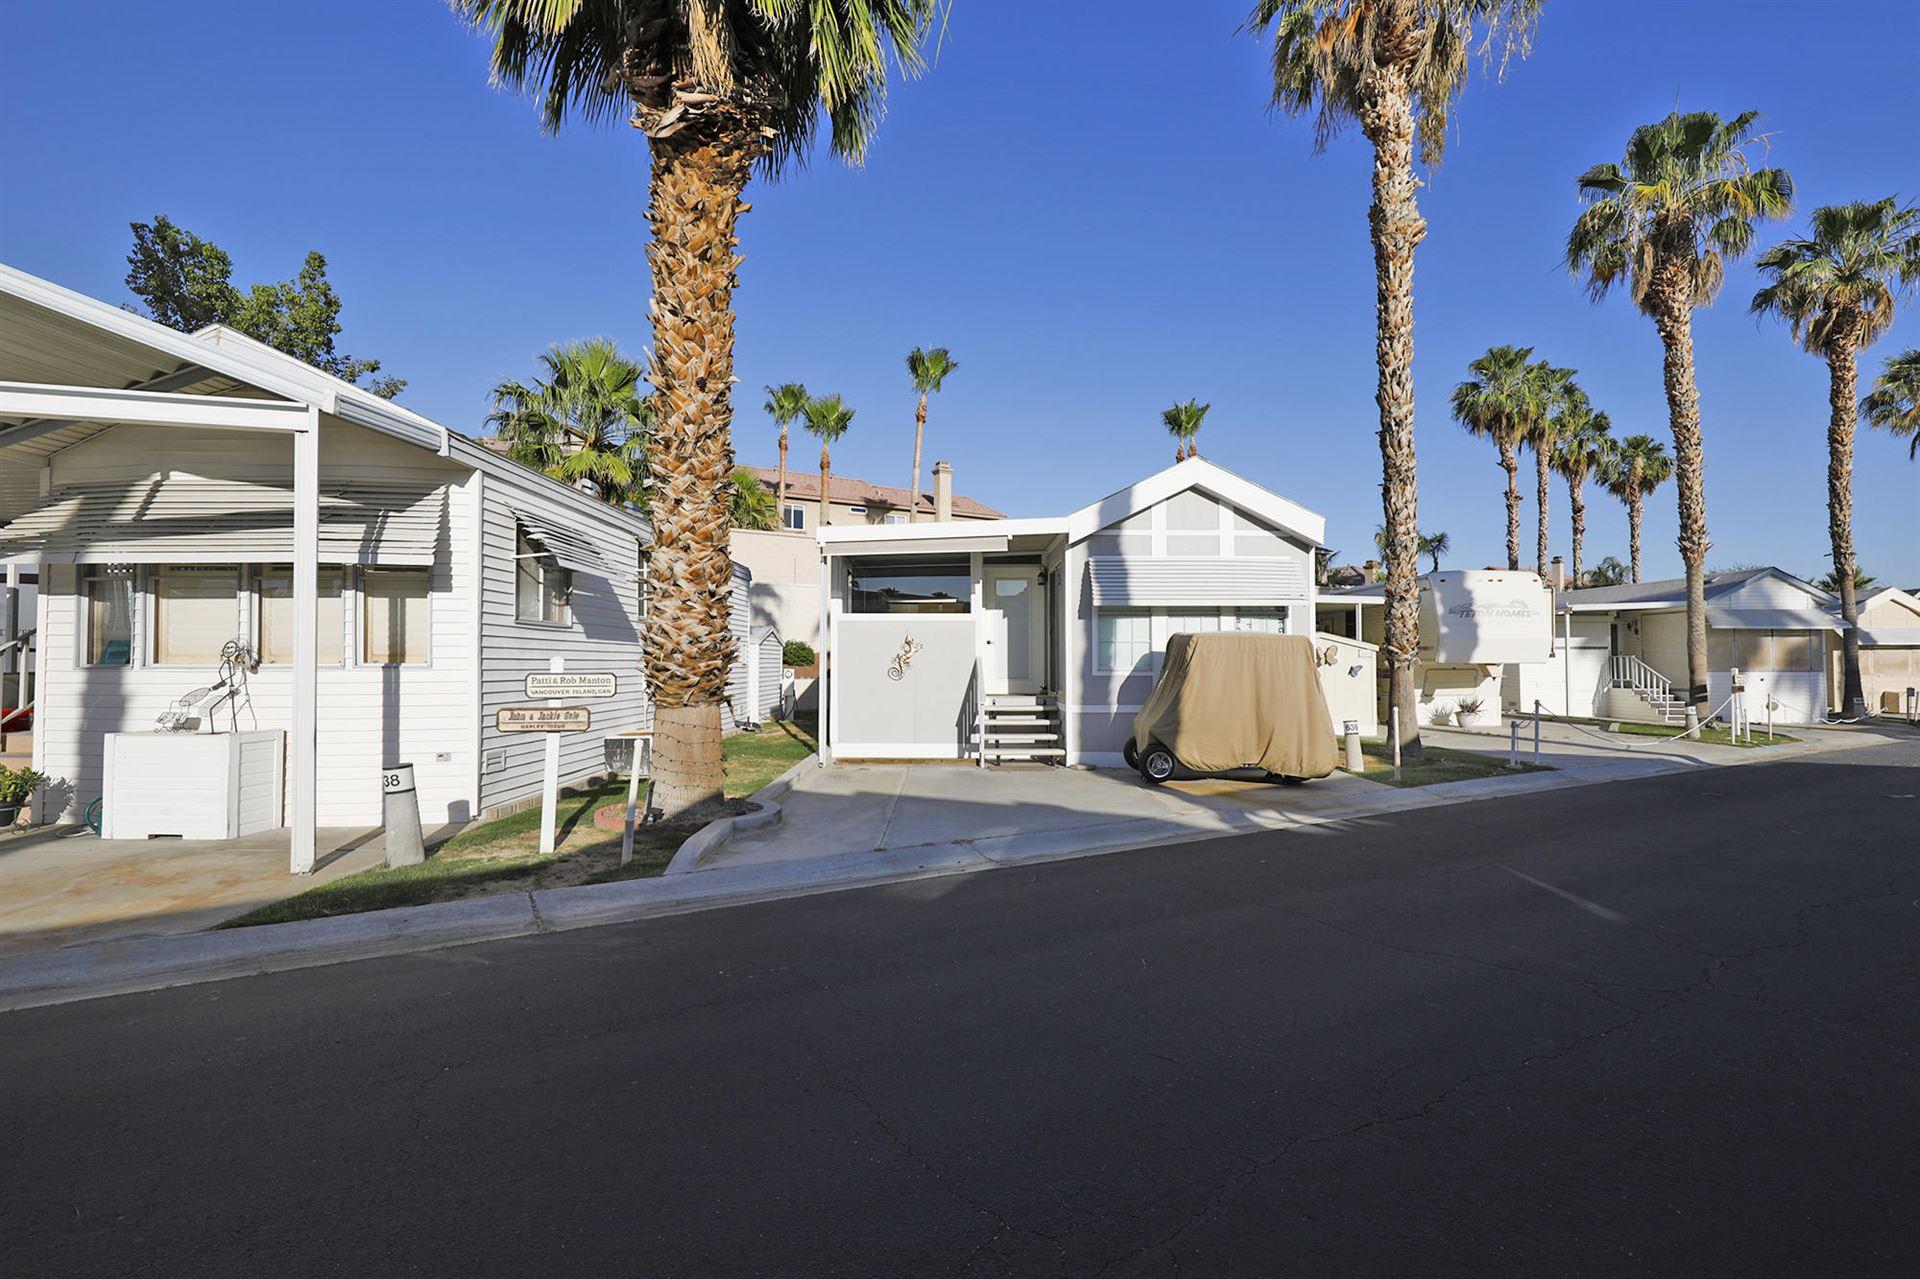 84136 Avenue 44 # 639, Indio, CA 92203 - MLS#: 219043630